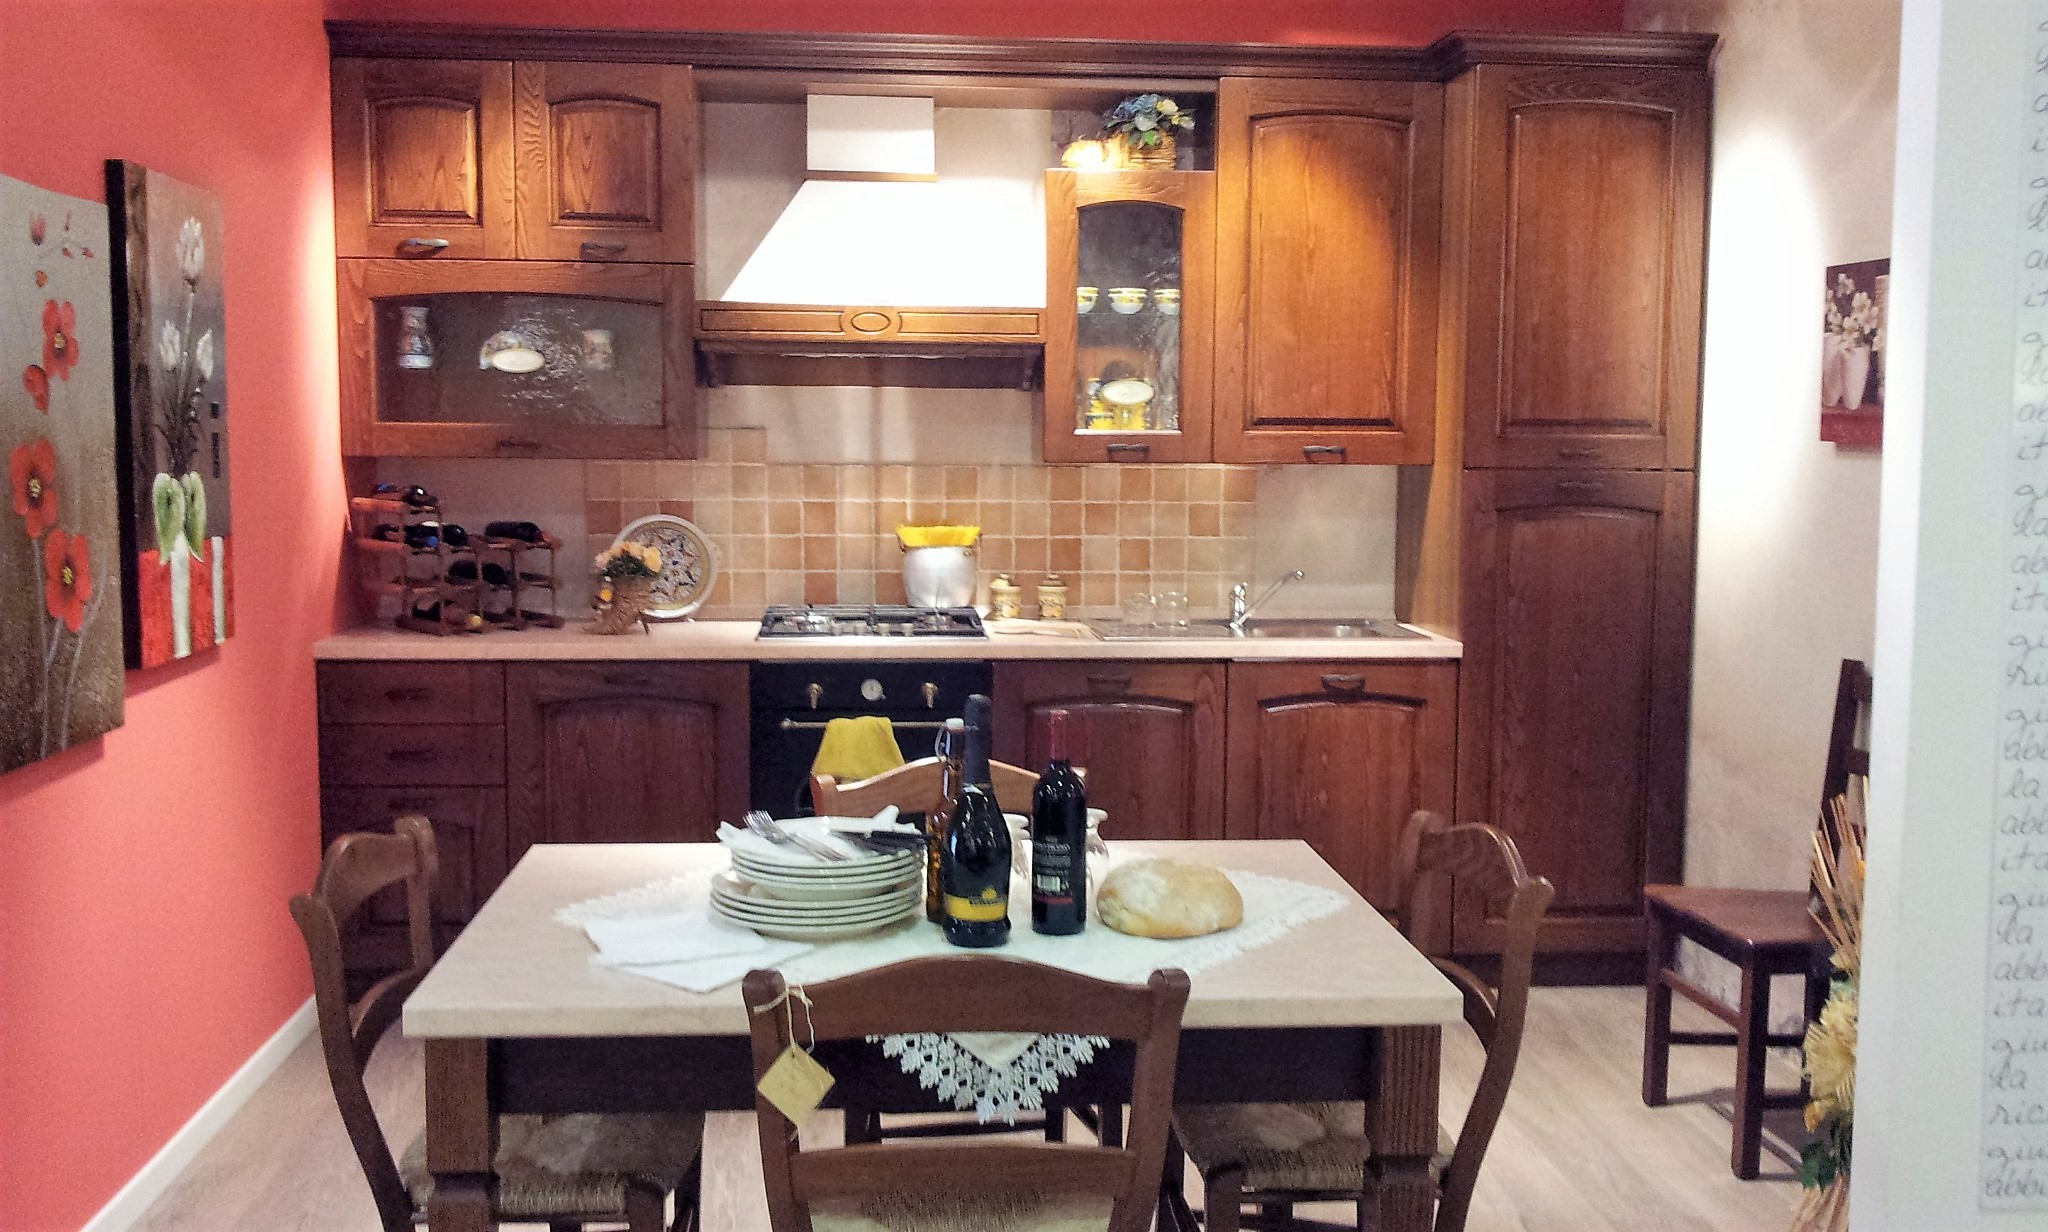 Stosa cucine: prezzi outlet, offerte e sconti